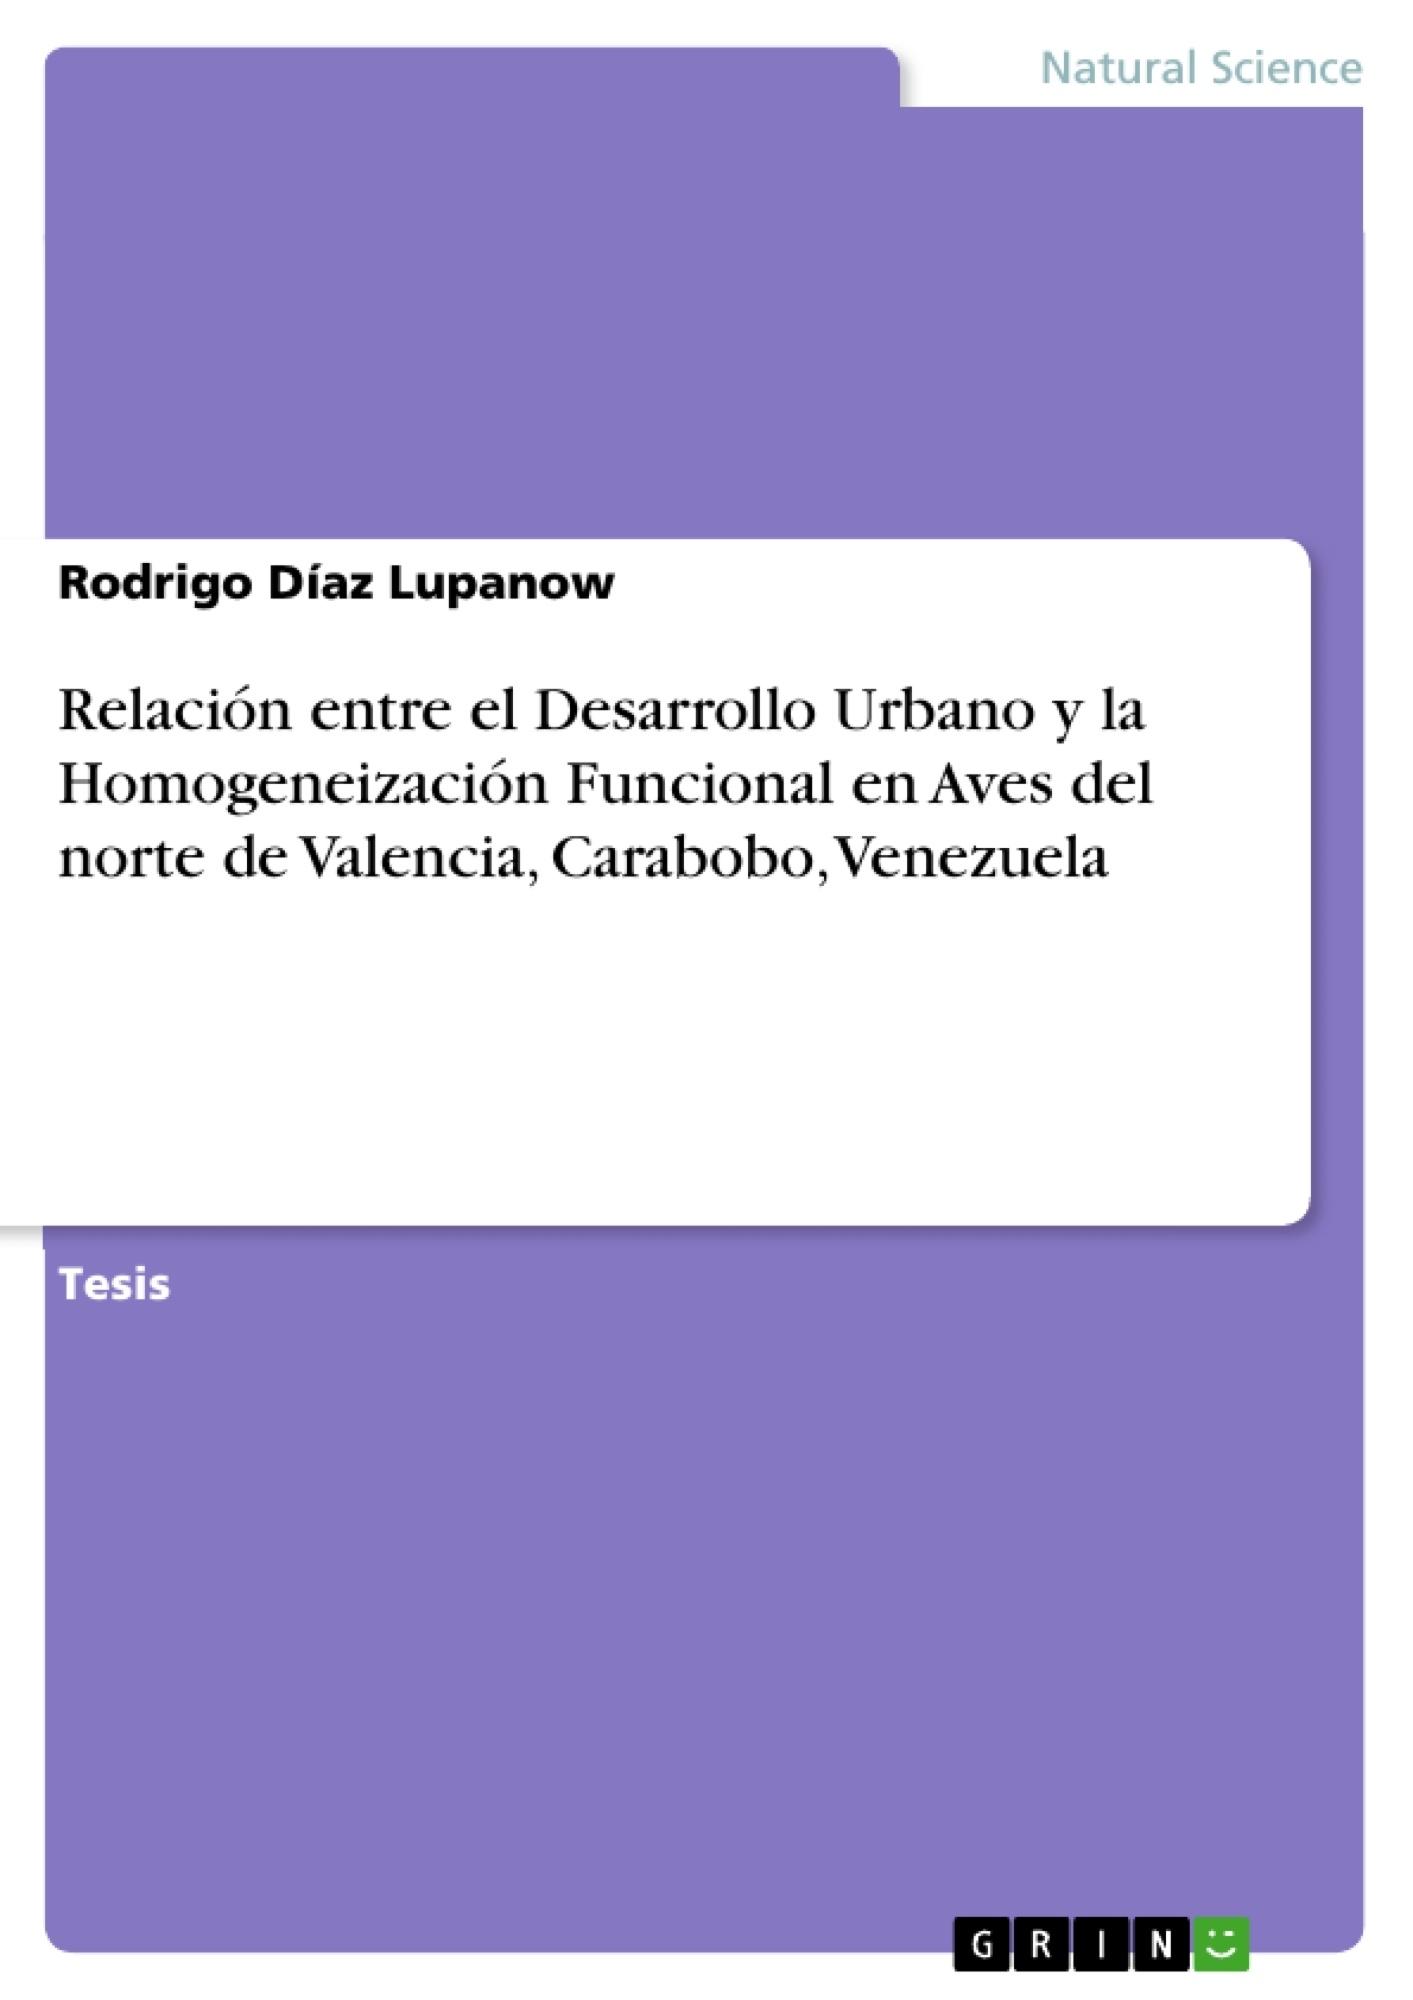 Título: Relación entre el Desarrollo Urbano y la Homogeneización Funcional en Aves del norte de Valencia, Carabobo, Venezuela